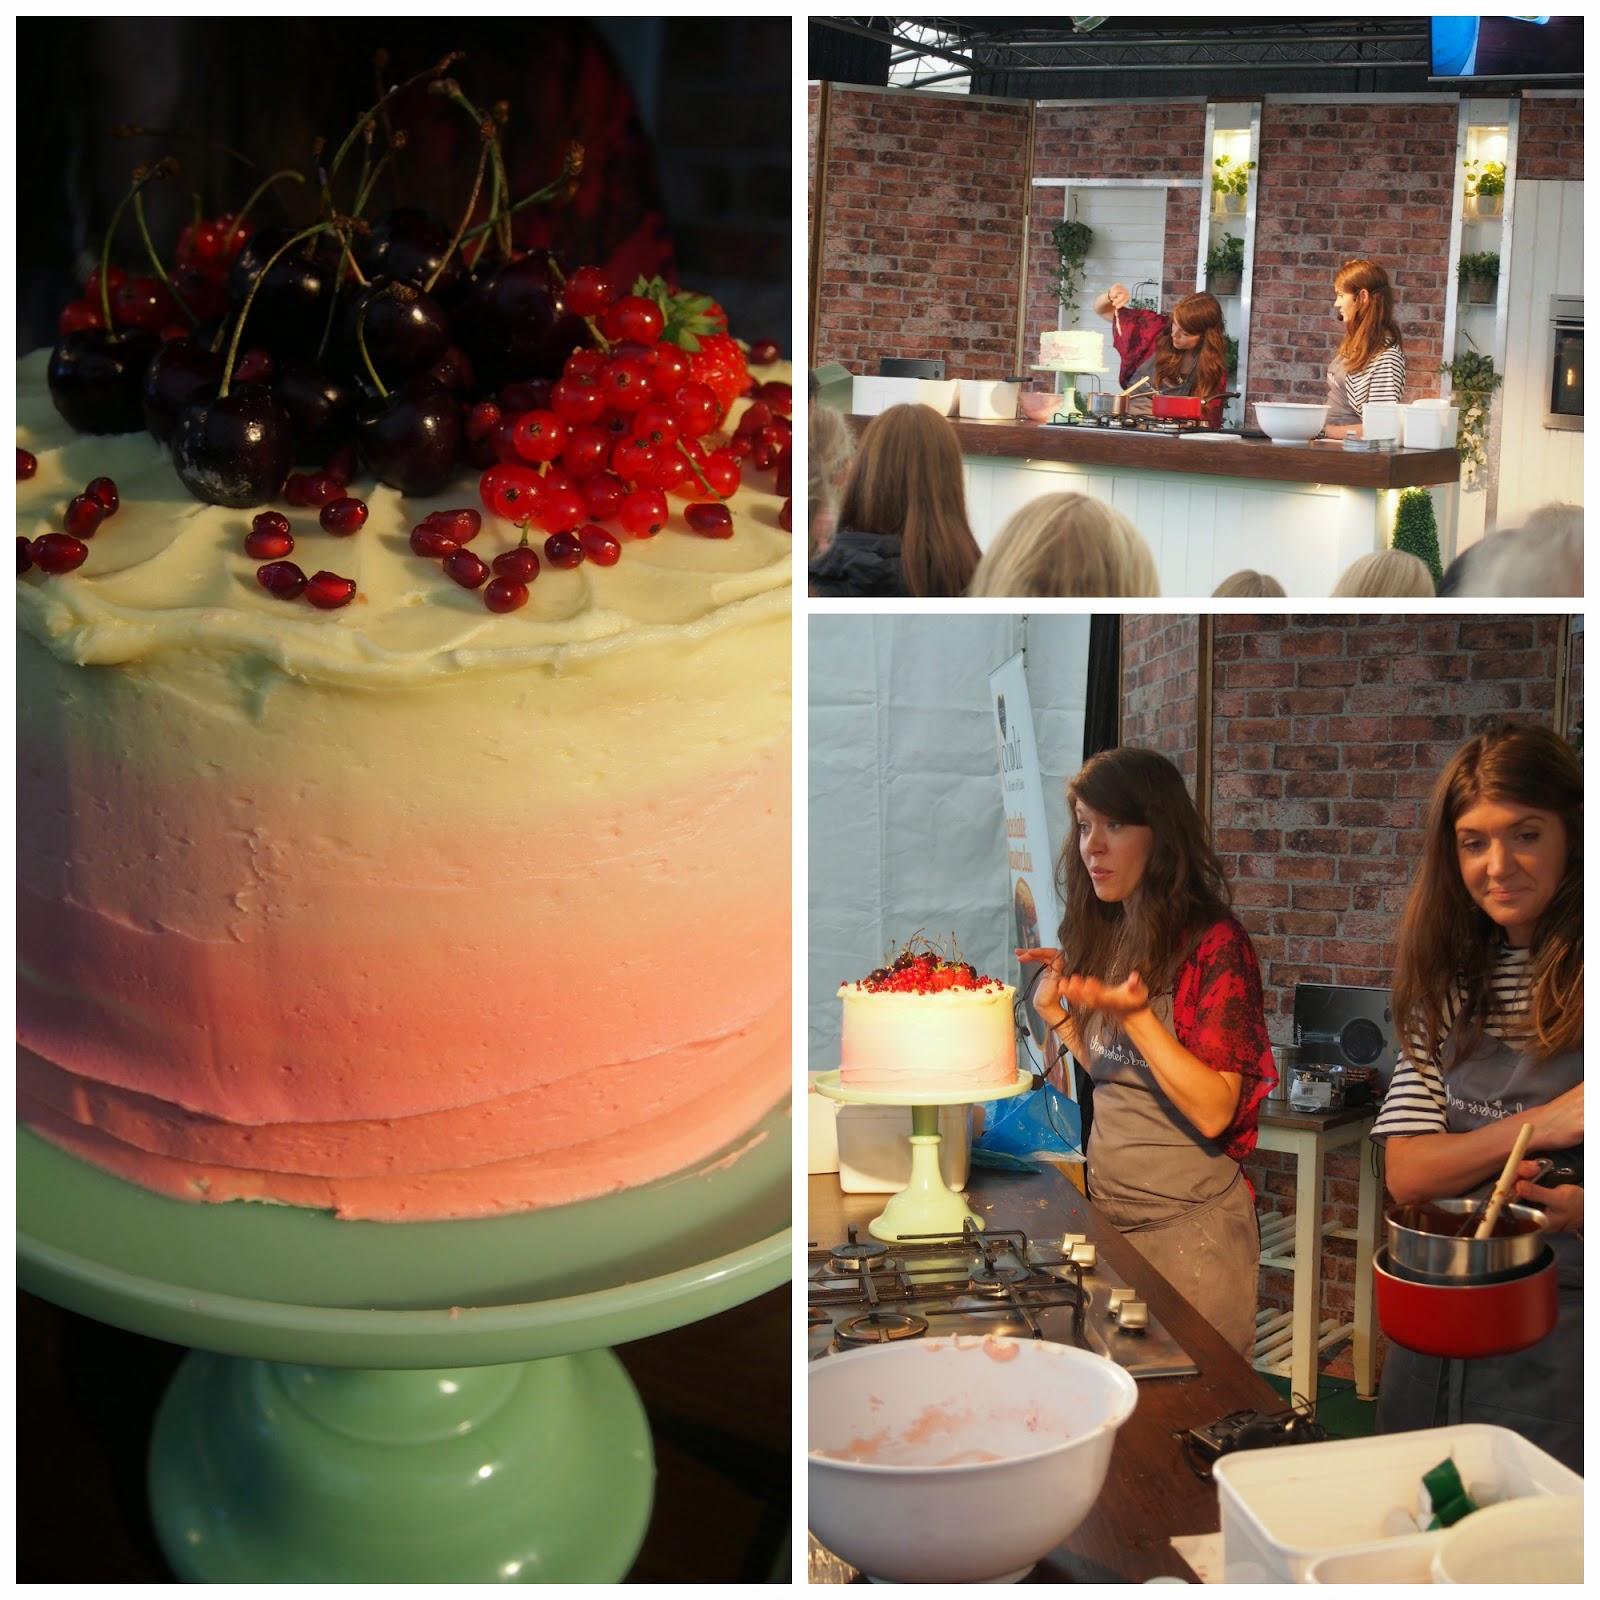 Thrree Sisters Bake